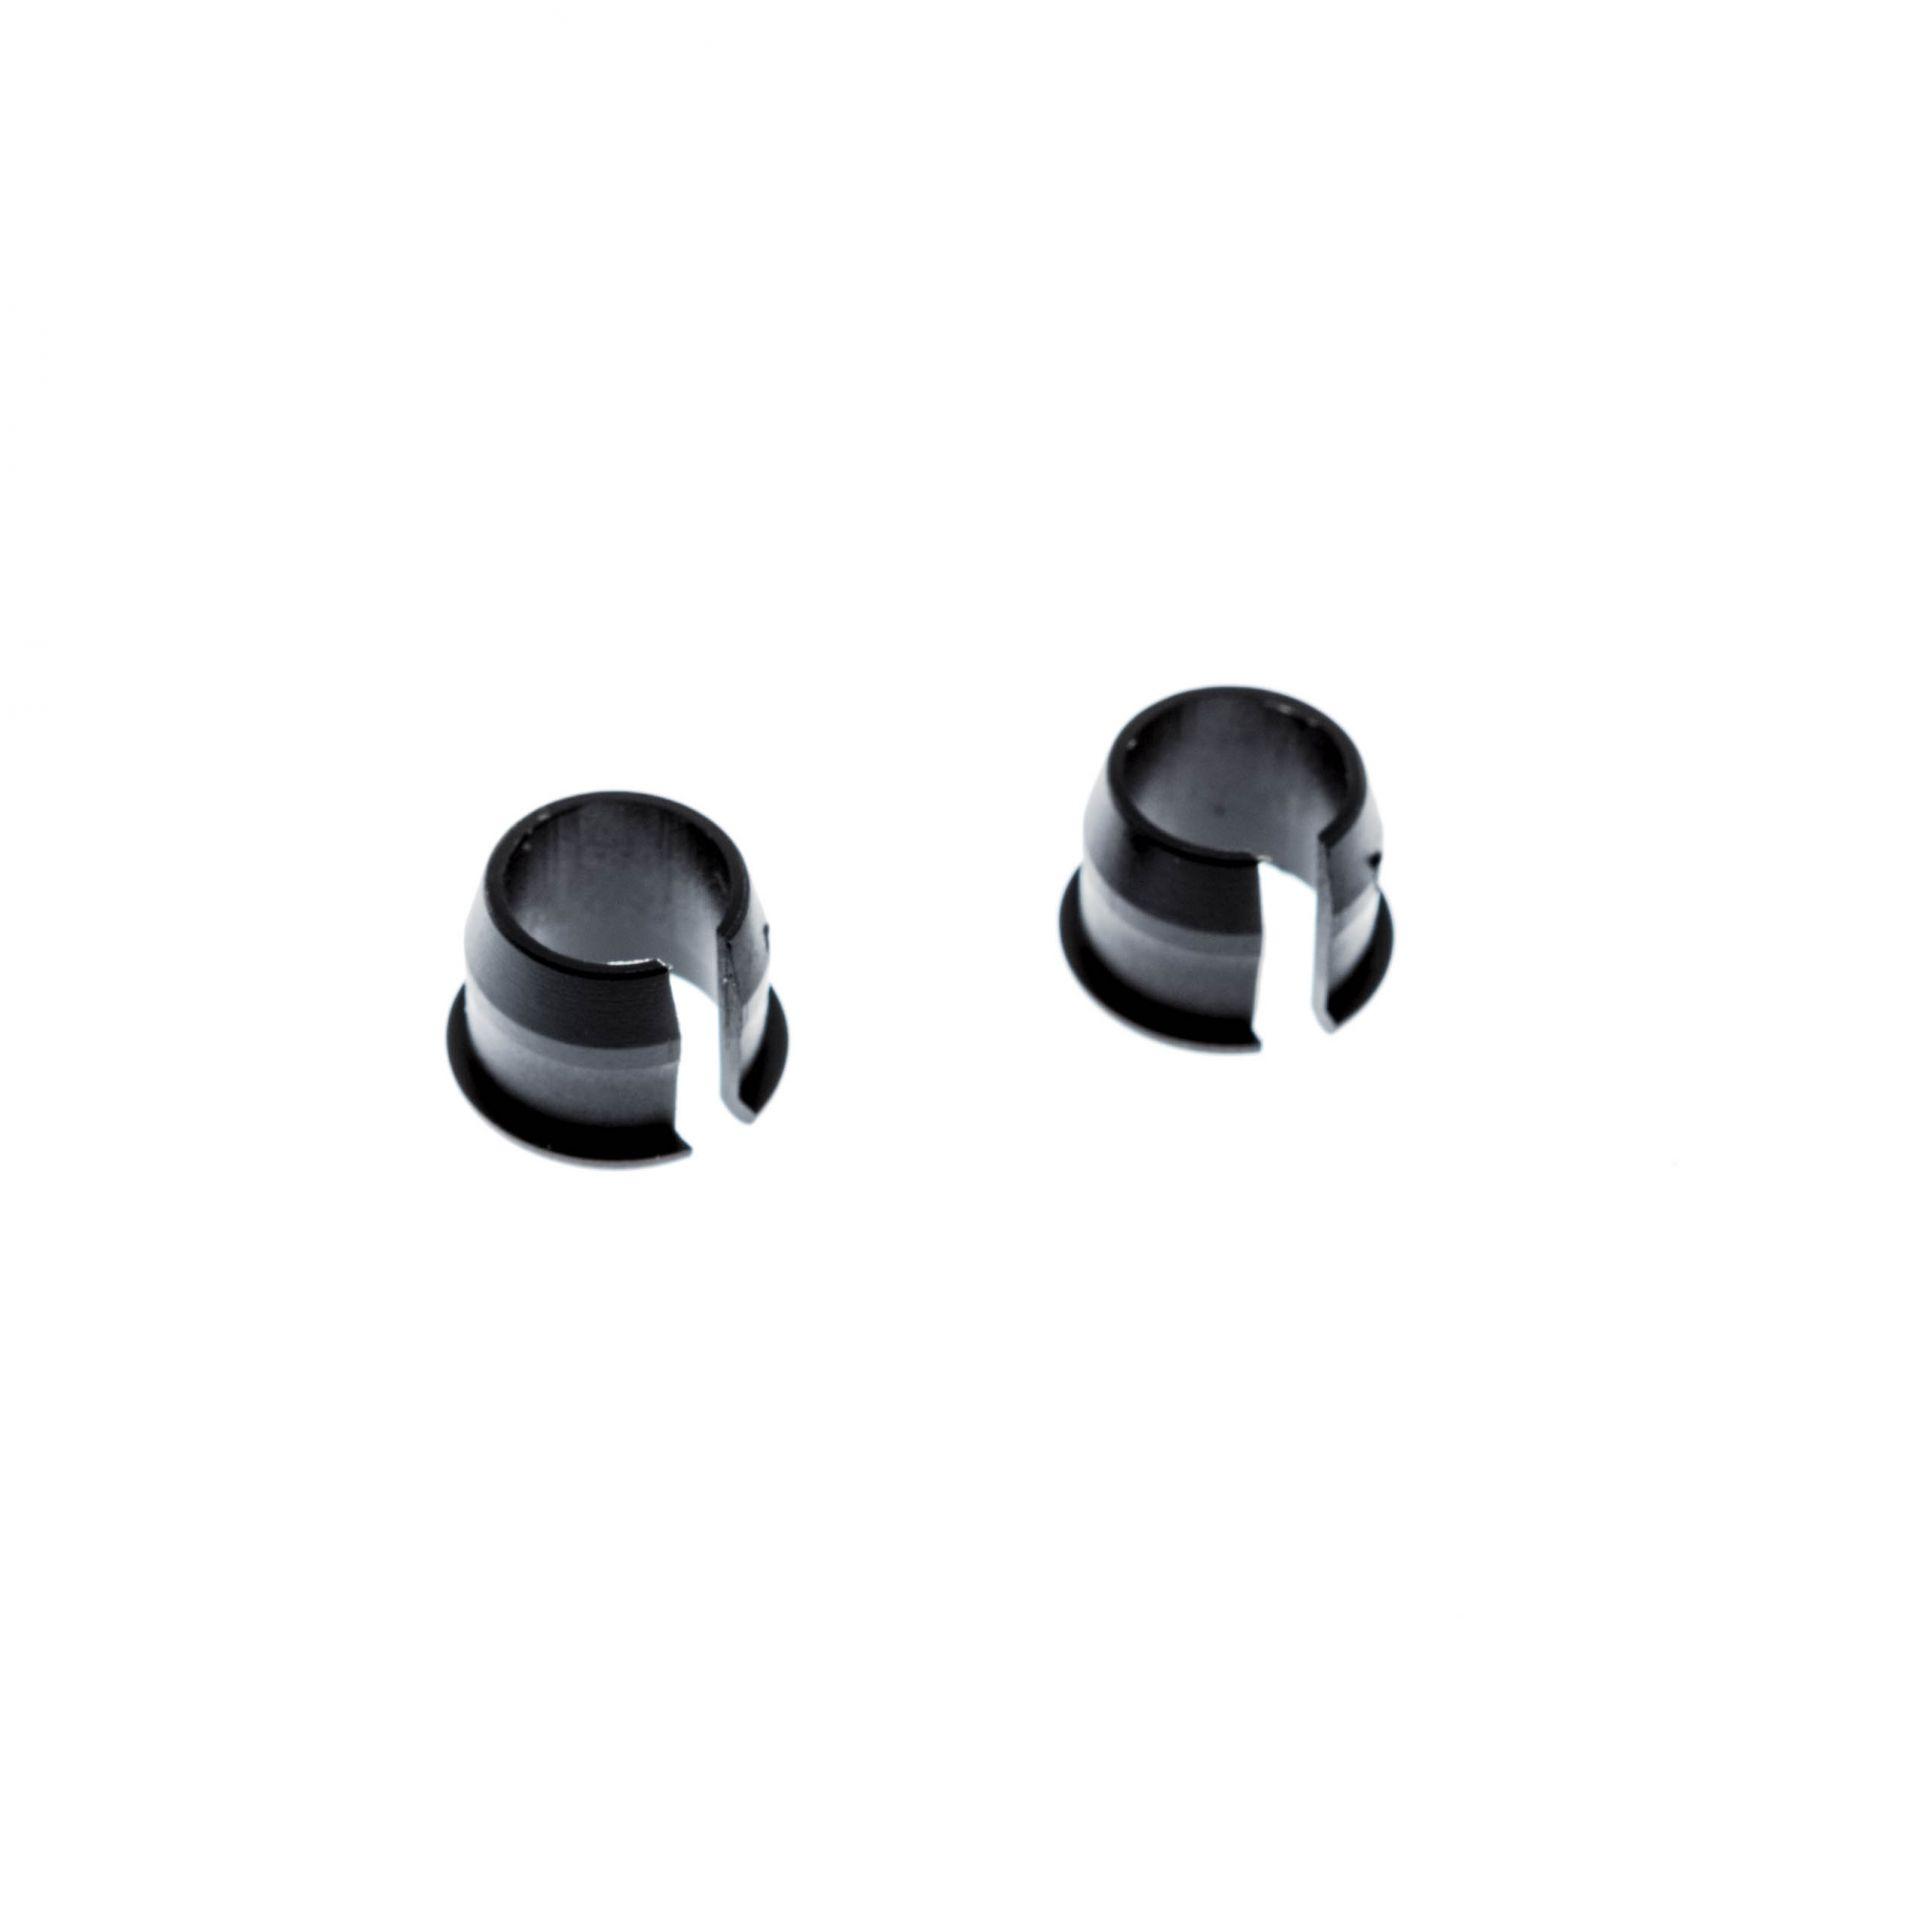 Réducteurs Mavic pour perçage Schrader 8,5 vers Presta 6,5 mm (x2)